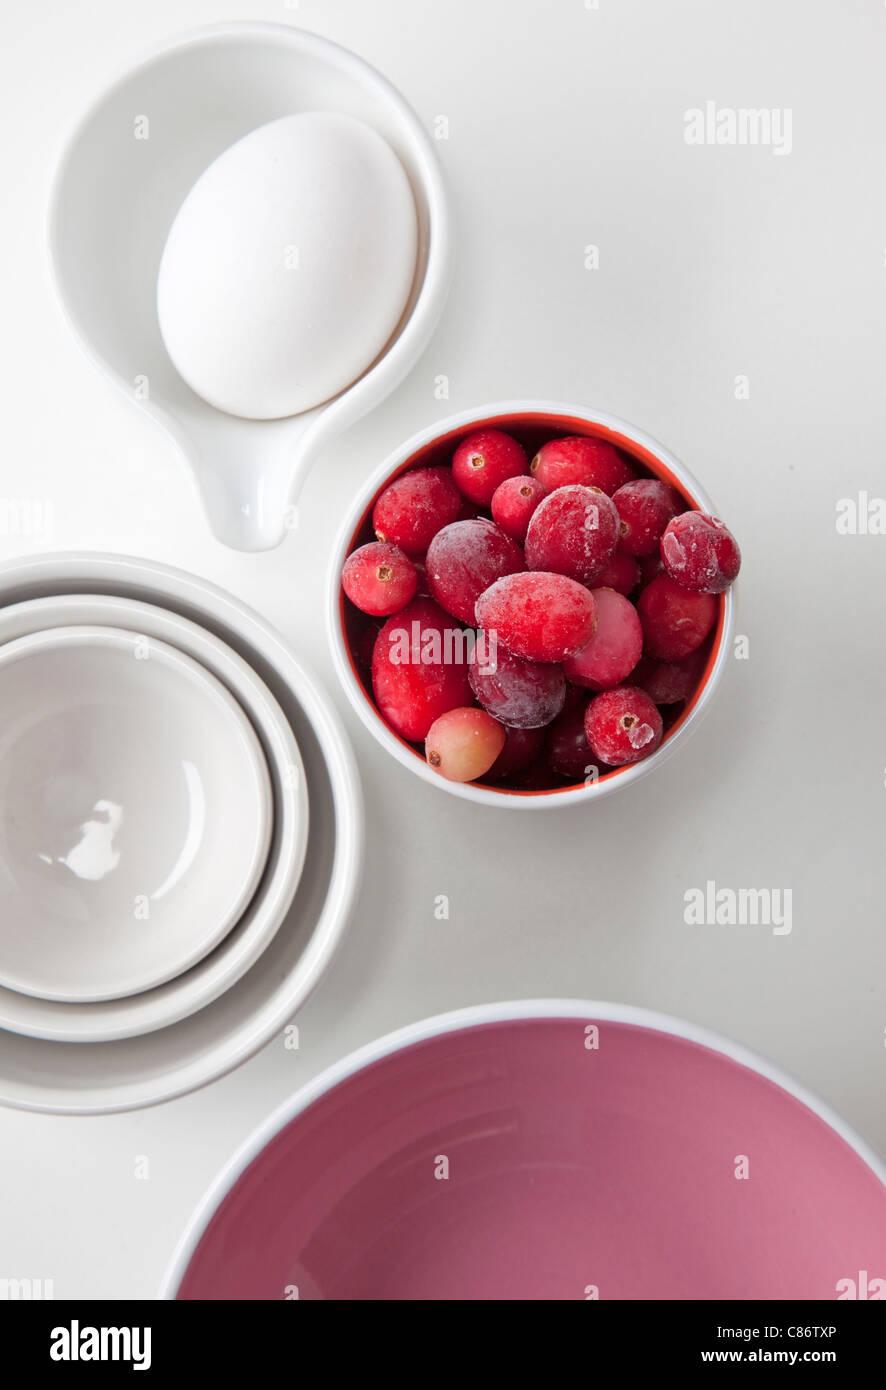 Articles de cuisine et les aliments Photo Stock